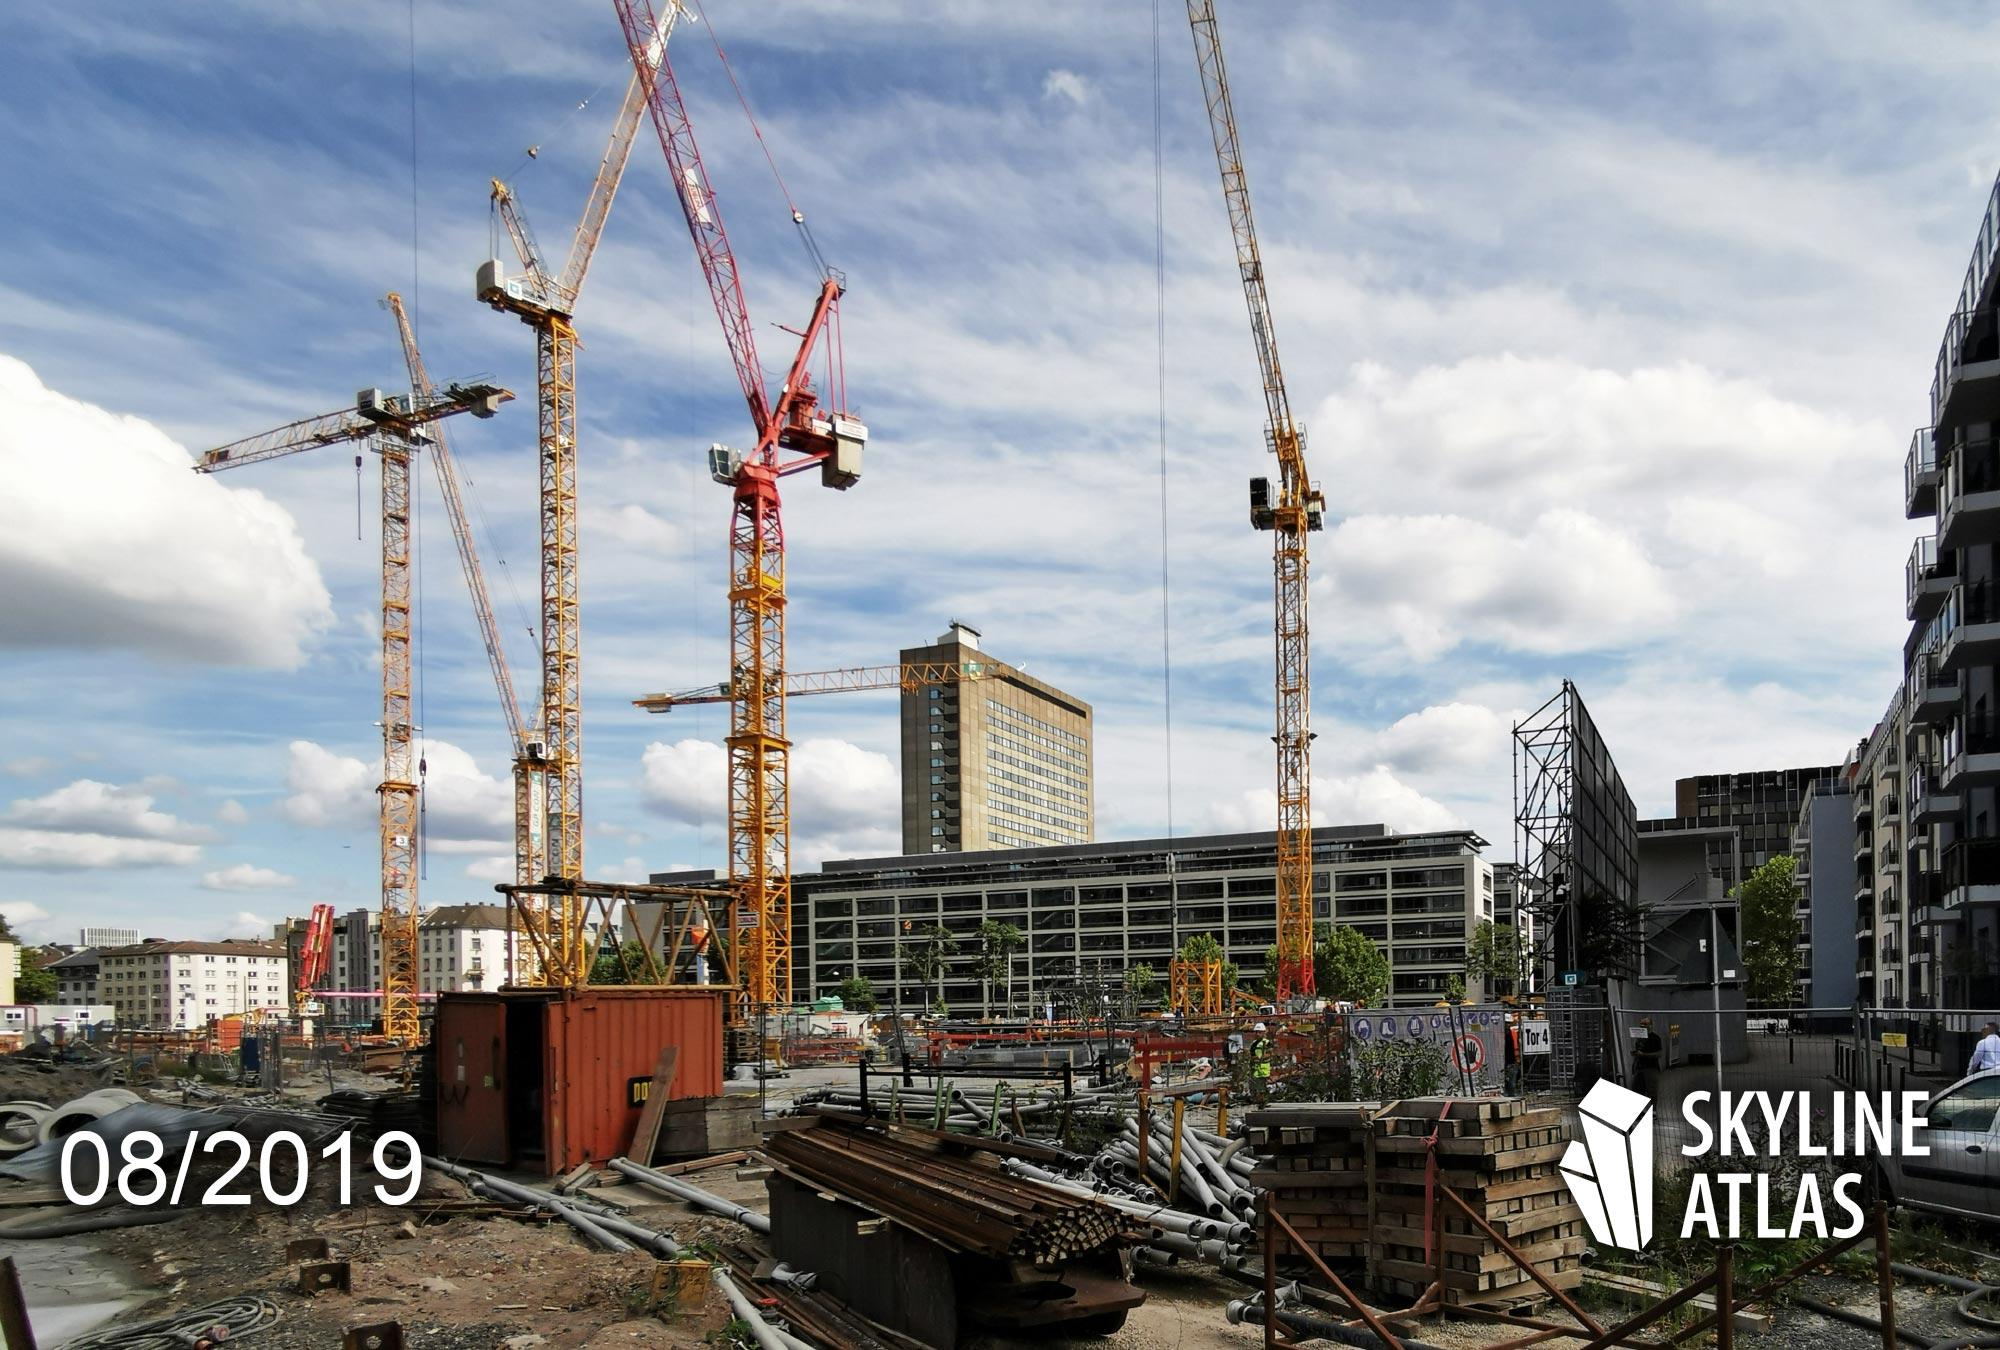 EDEN Frankfurt - Neubau - Wohnung kaufen - Wohnturm mit Eigentumswohnungen und Mietwohnungen - Architekturbüro JAHN - Baustelle August 2019